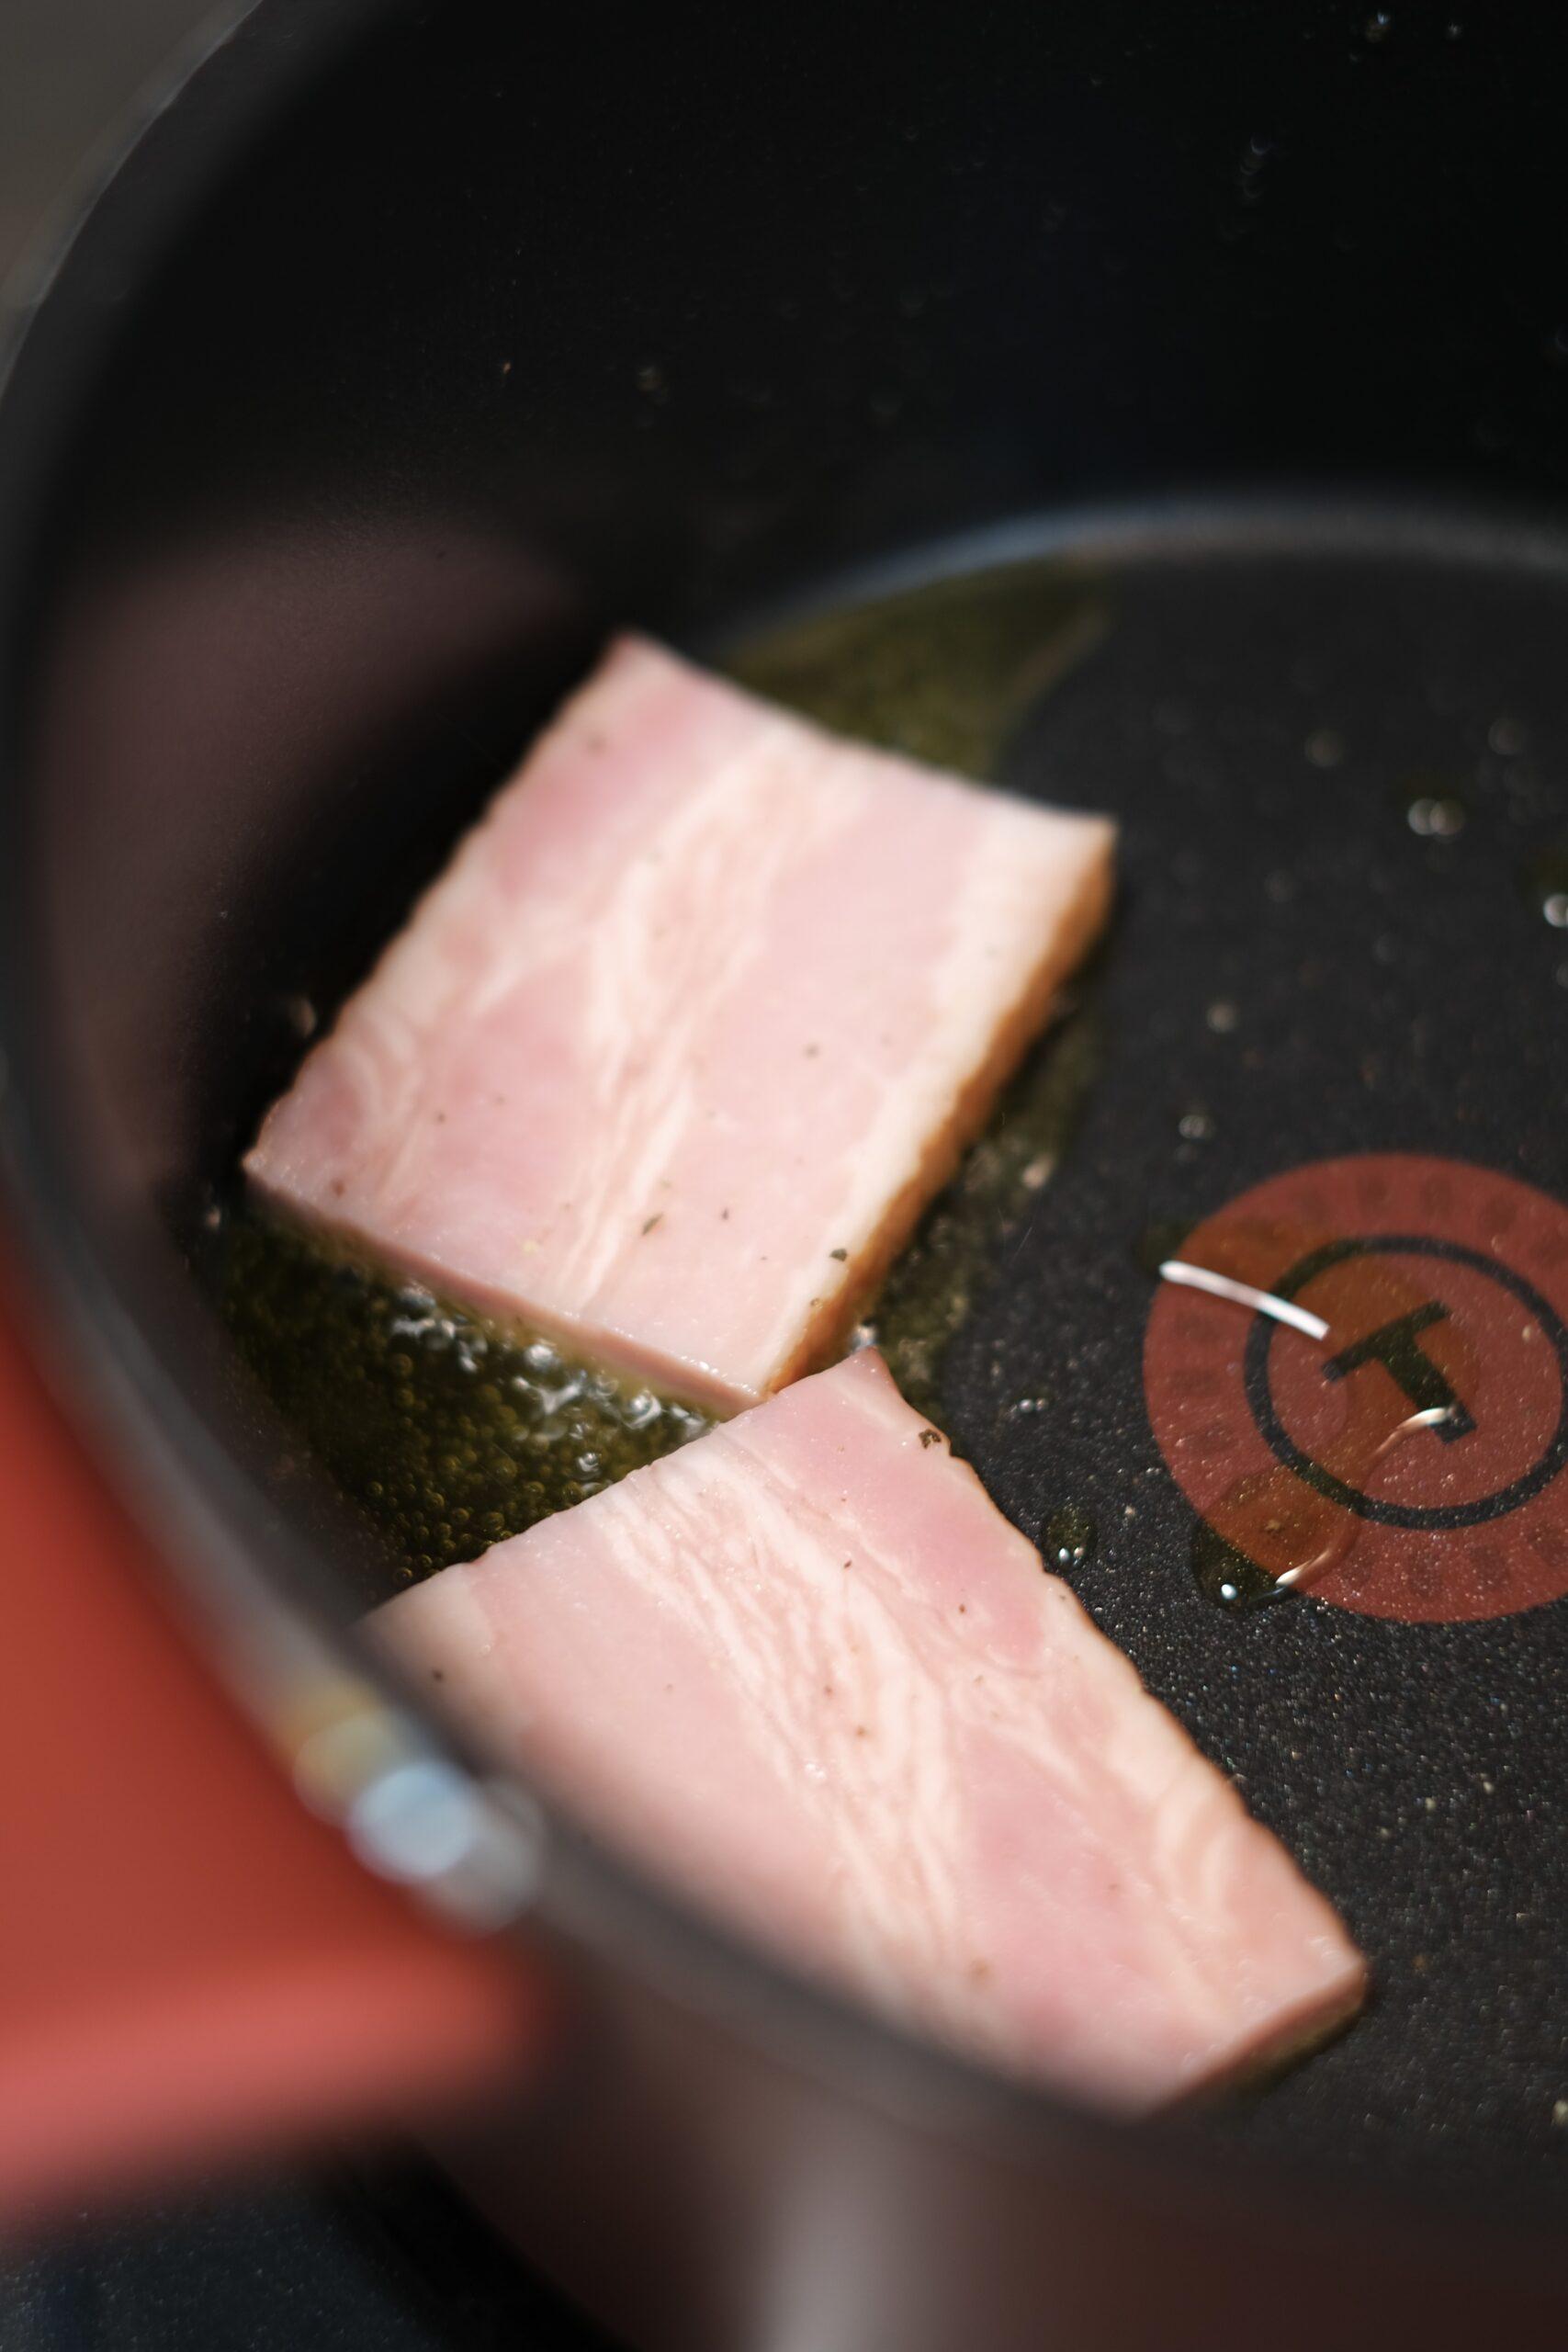 フライパンでベーコンを焼いている様子の画像です